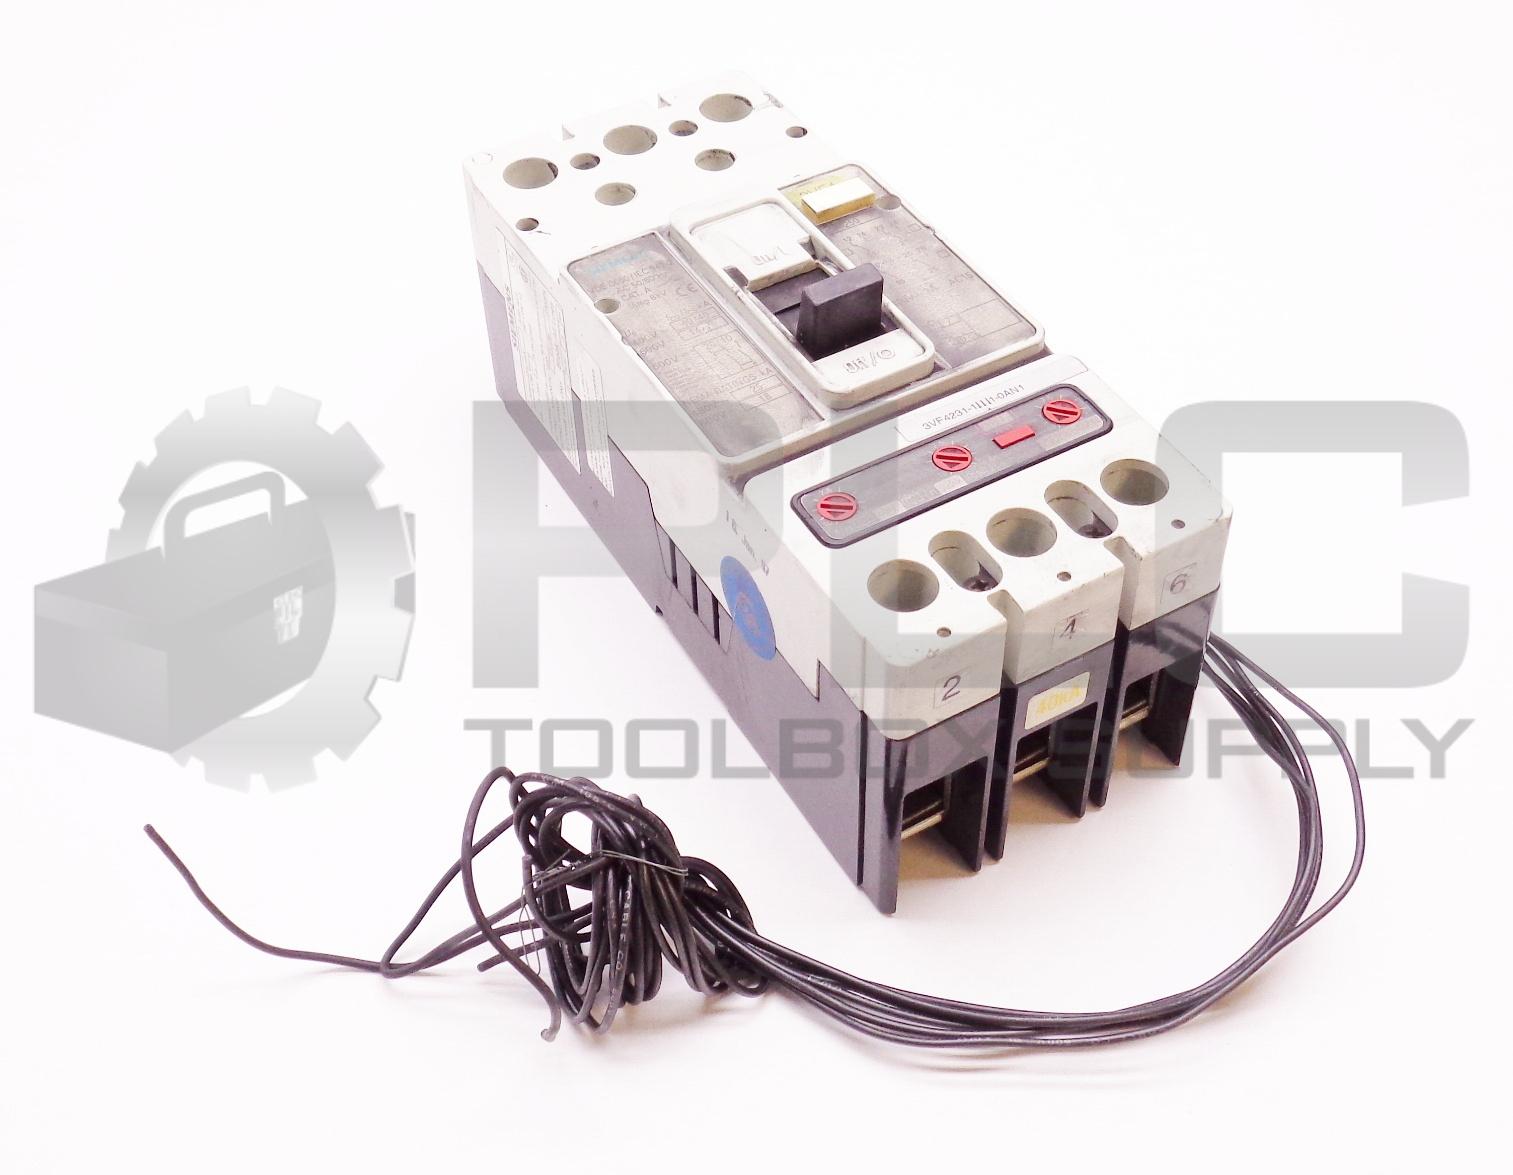 SIEMENS 3VF4231-1DF41-0AN1 CIRCUIT BREAKER VDE 0660/IEC 947-2 - $455.00